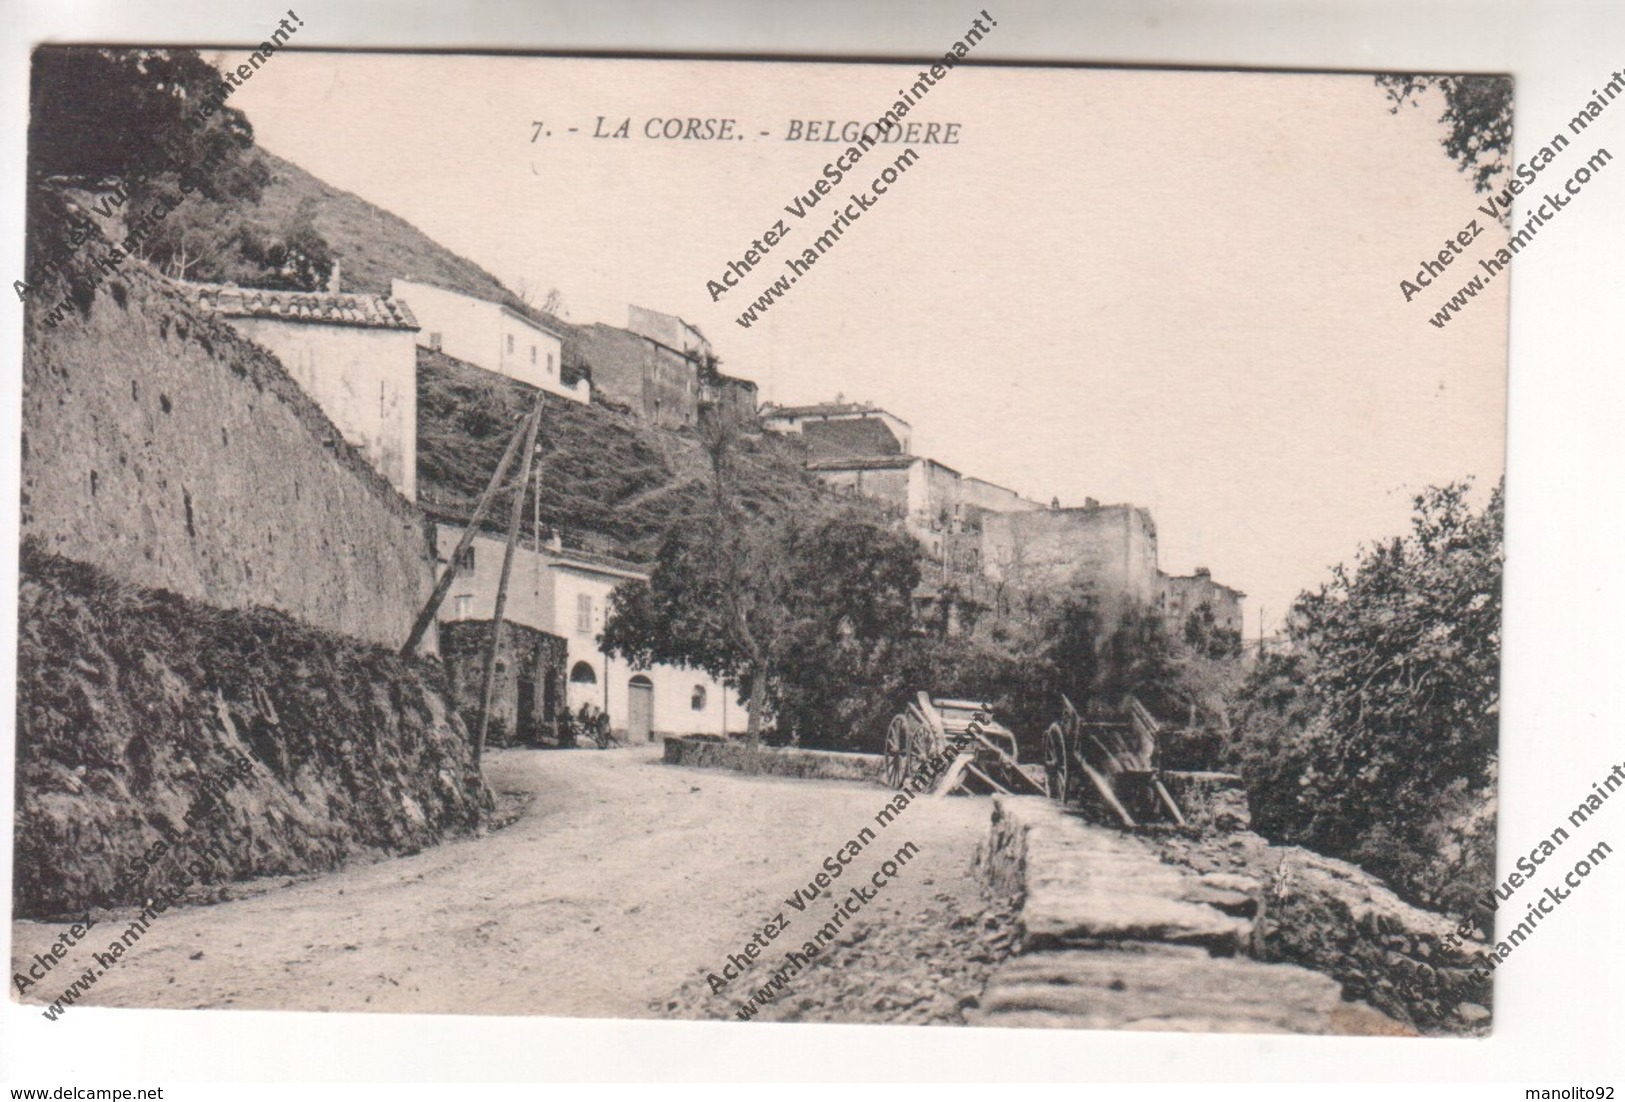 Lot De 5 CPA BELGODERE (20B) : Quartier Ladiola, Route De Calvi à Corte (Balagna), Vue Et Centre Du Village - France